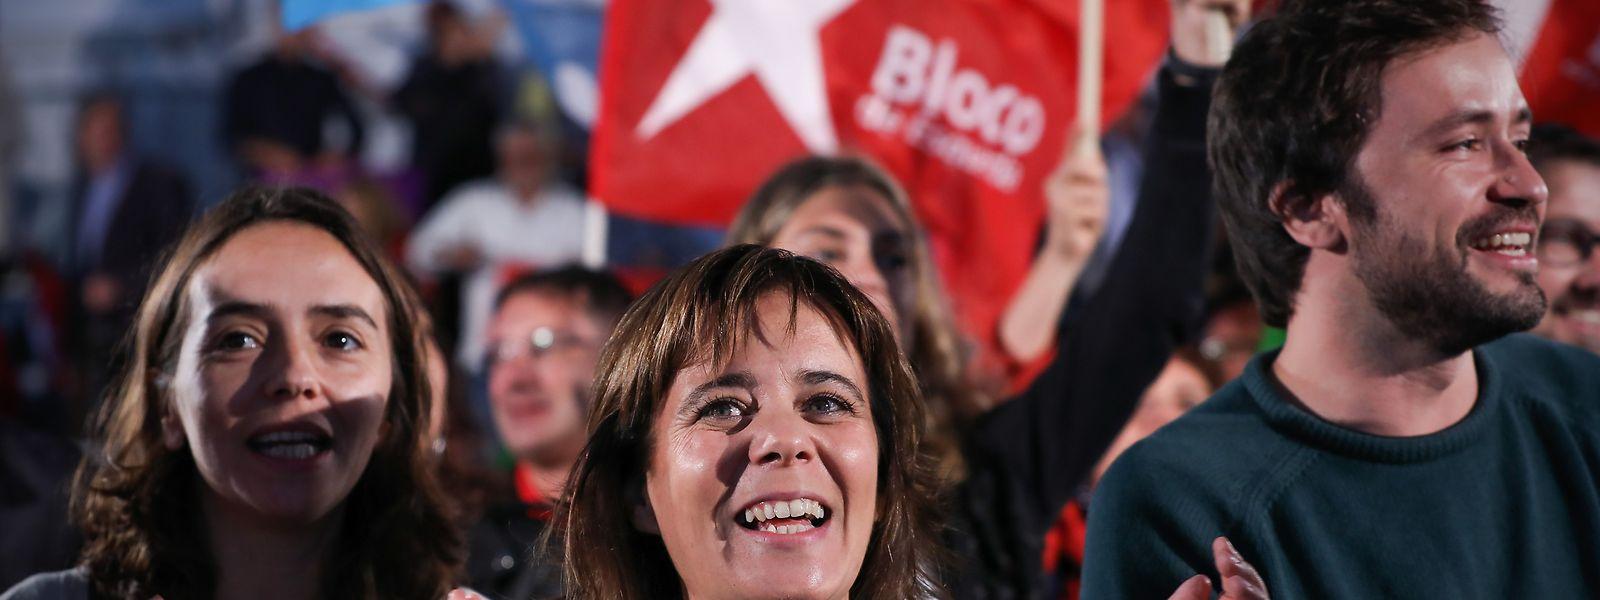 A coordenadora do Bloco de Esquerda (BE), Catarina Martins (C), acompanhada por, José Soeiro (D), durante um comício realizado na praça dos Poveiros, no Porto.